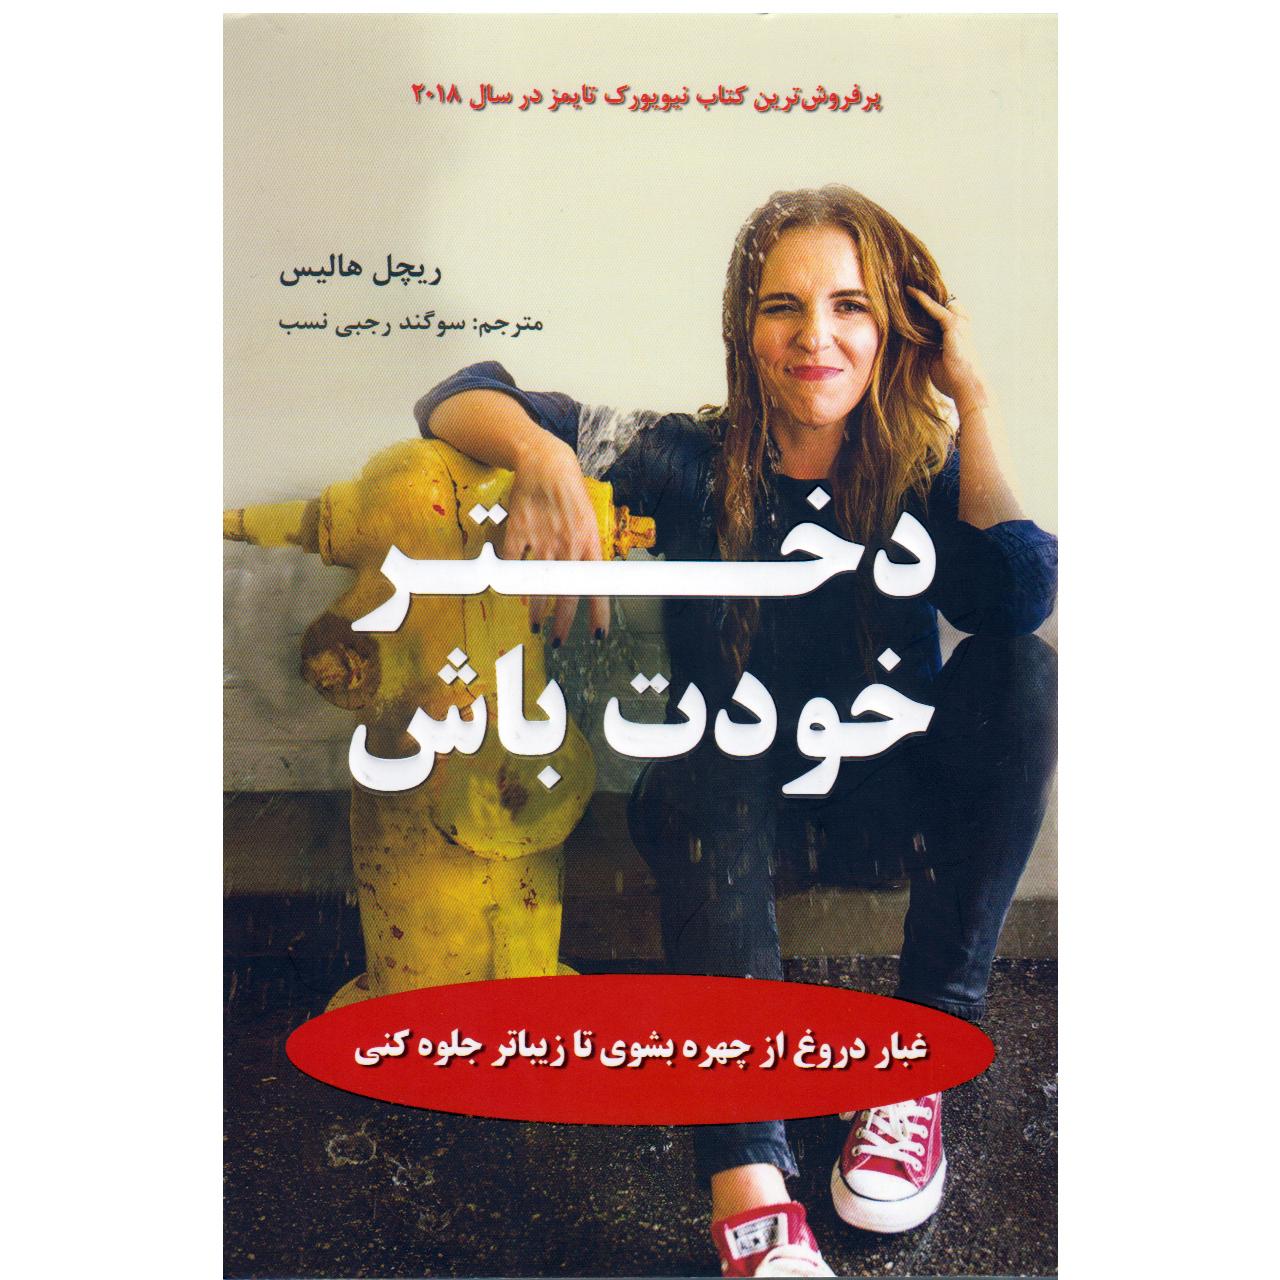 کتاب دختر خودت باش اثر ریچل هایس نشر دانشگاهیان